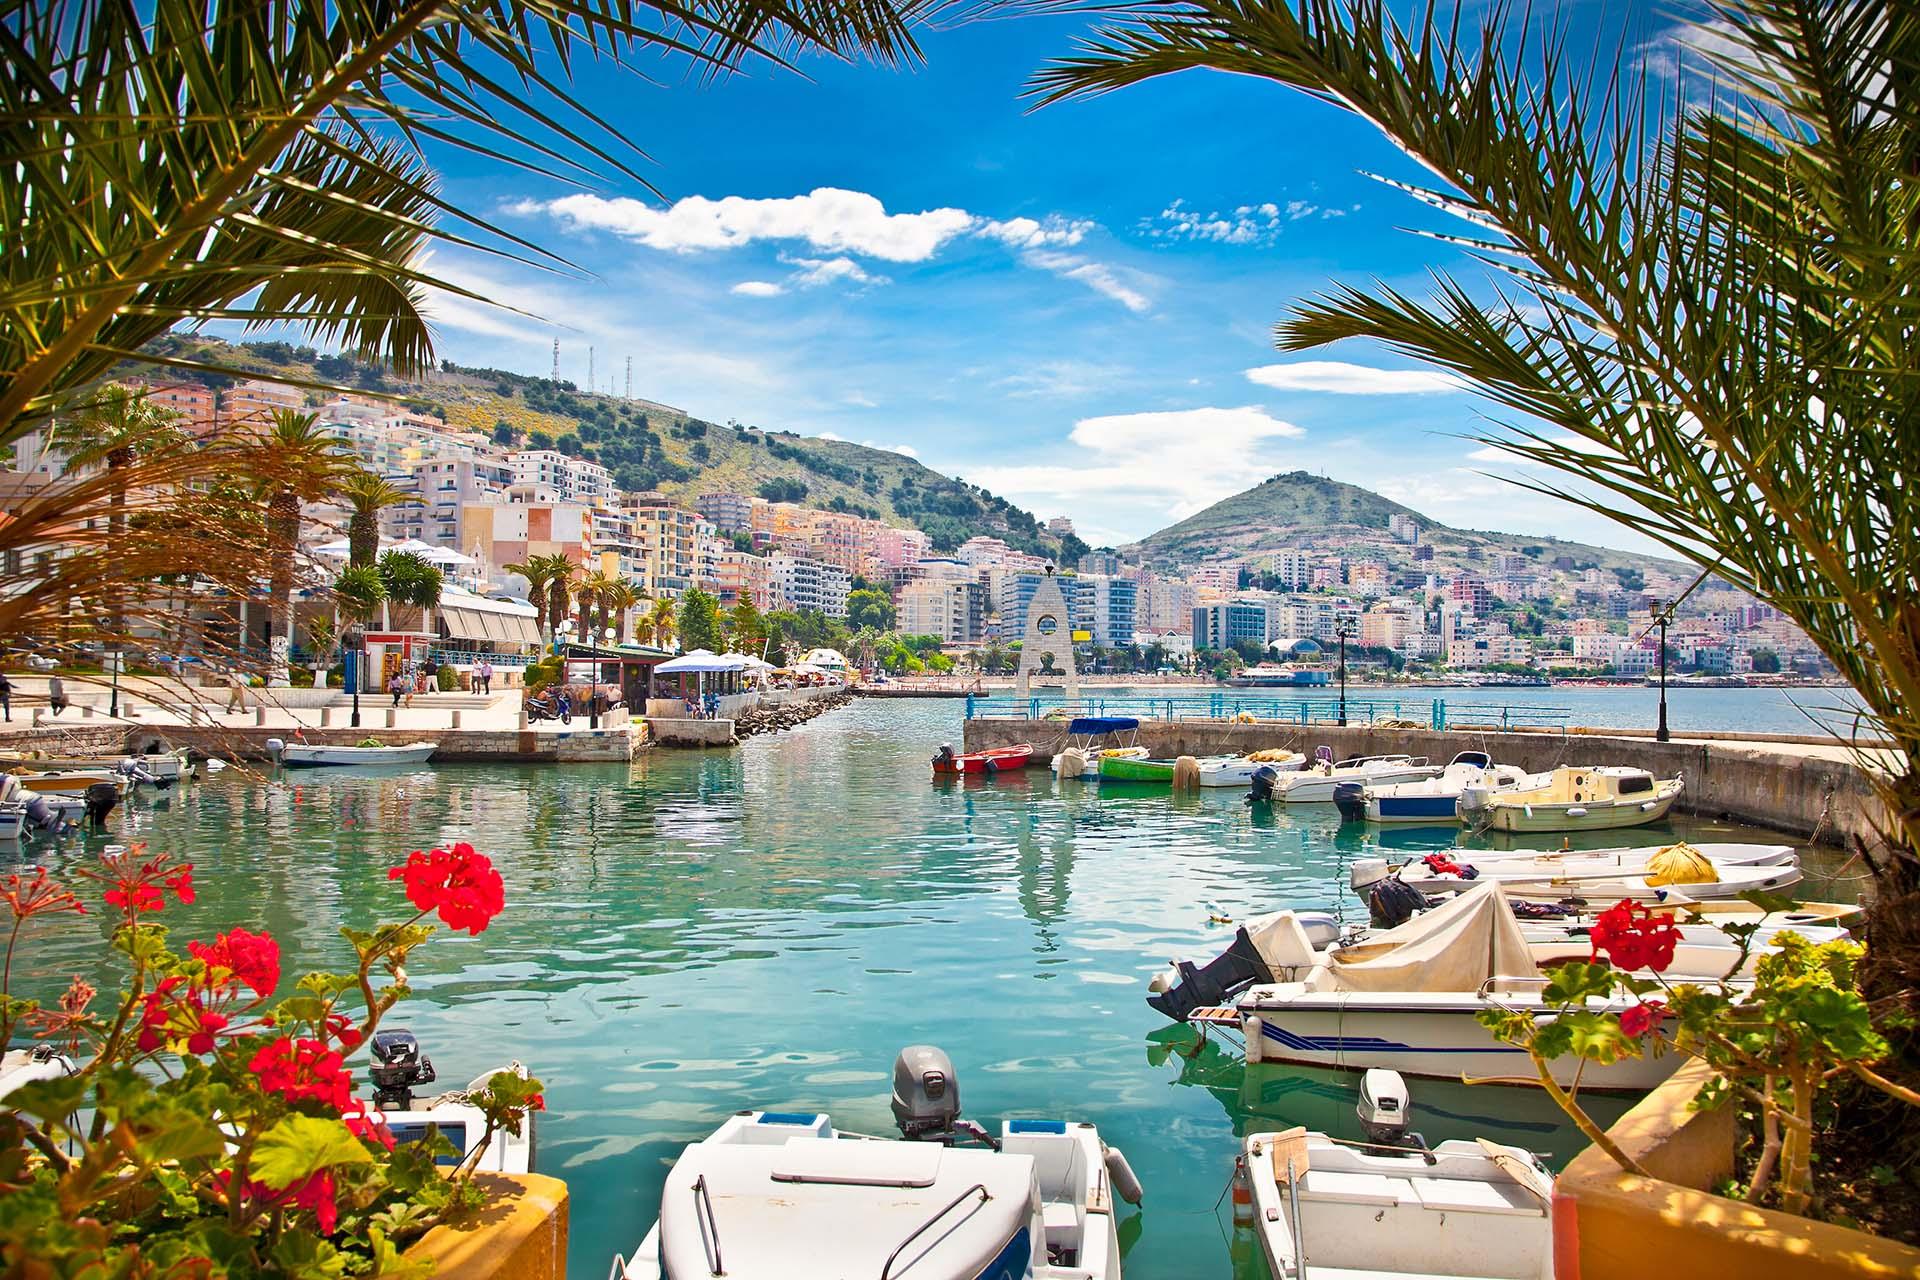 Albania ha sido durante mucho tiempo el enigma de la Europa mediterránea. Hasta hace poco, sus montañas arruinadas, ciudades fortificadas y playas brillantes eran simplemente un rumor en la mayoría de los mapas de viaje